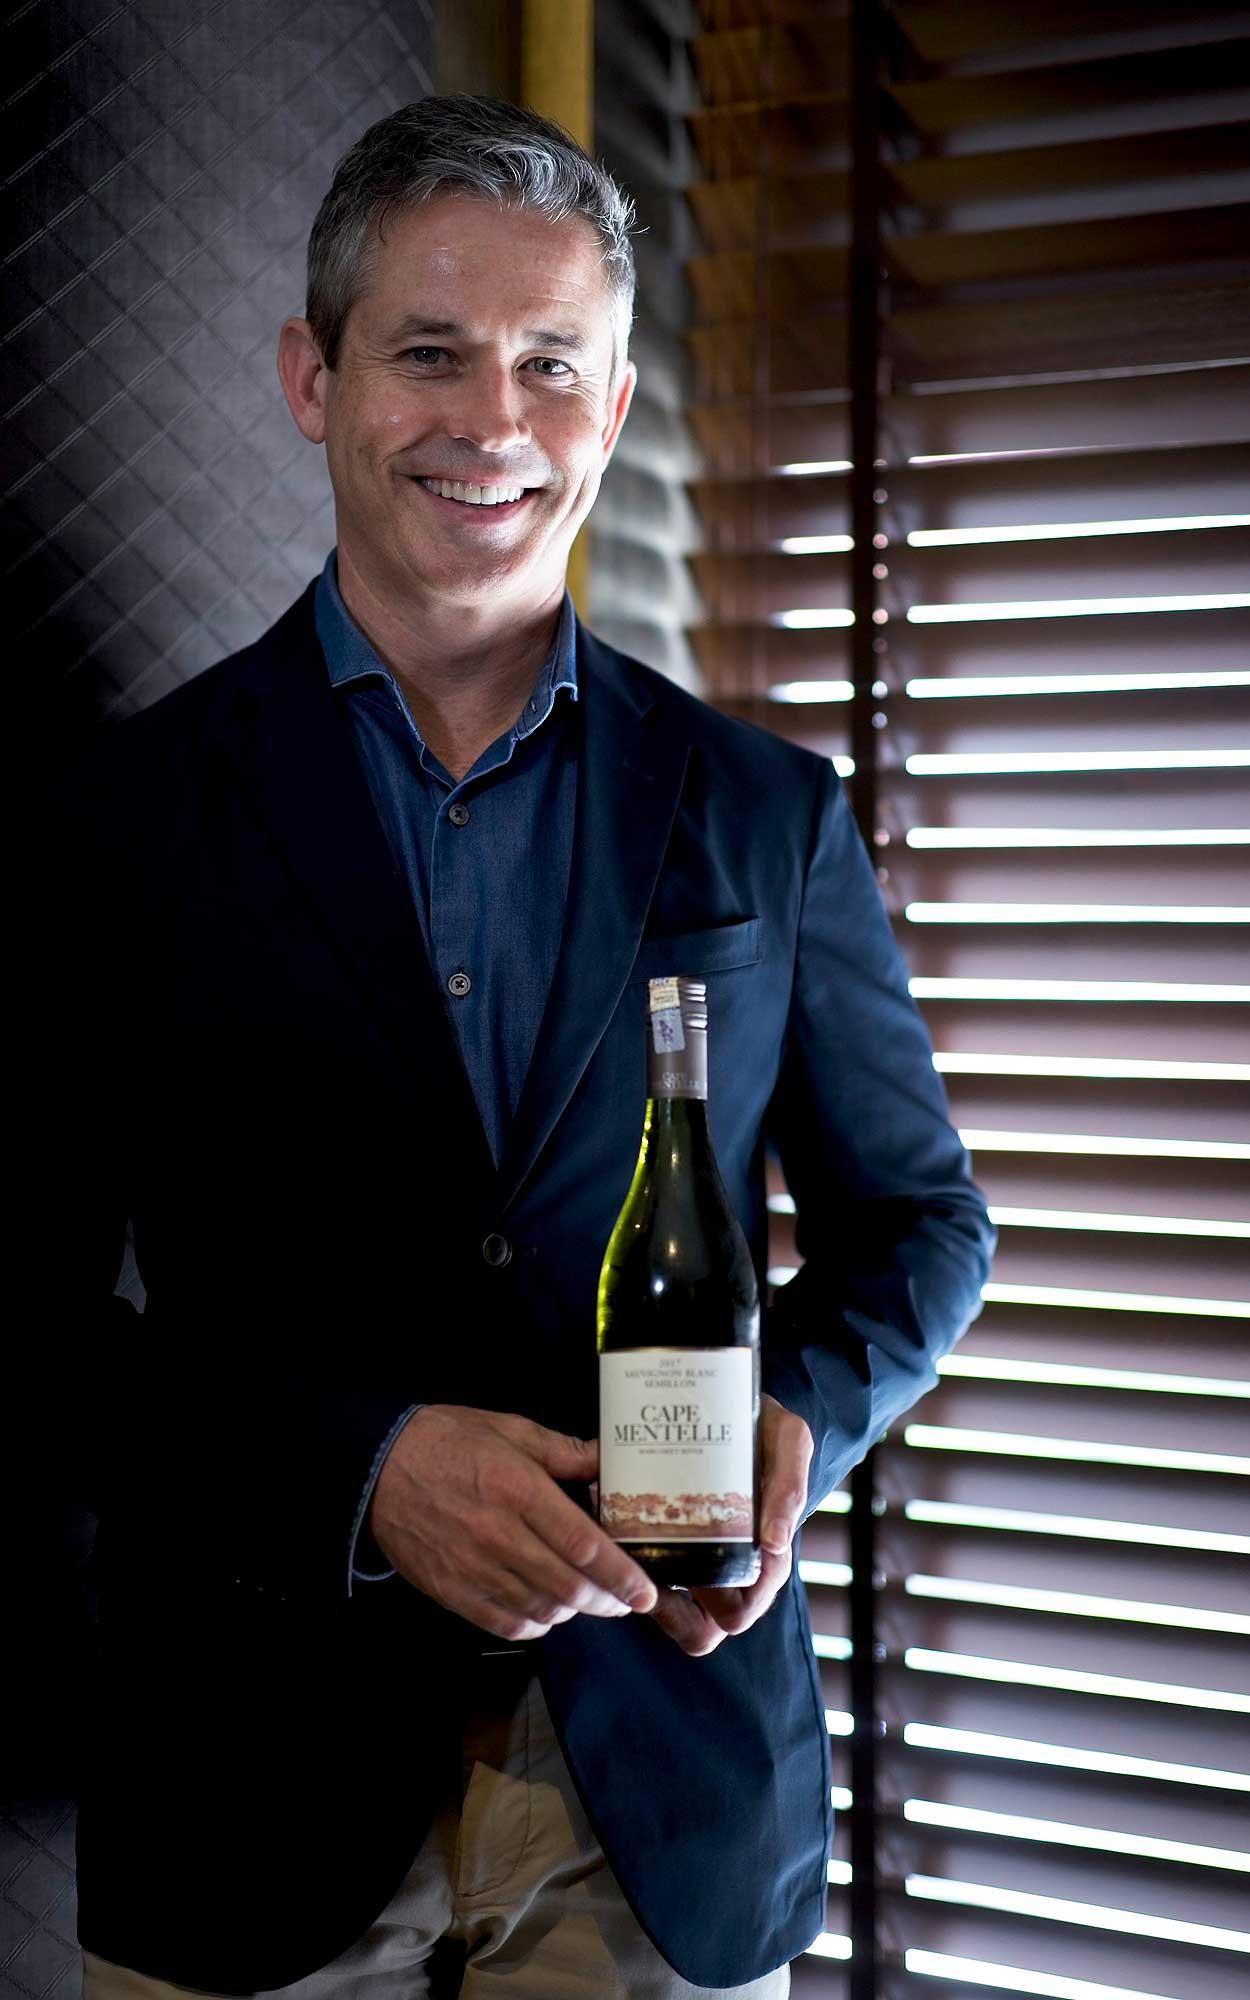 Cameron Murphy, estate director of Cape Mentelle. Photo: Credit Bonnie Yap